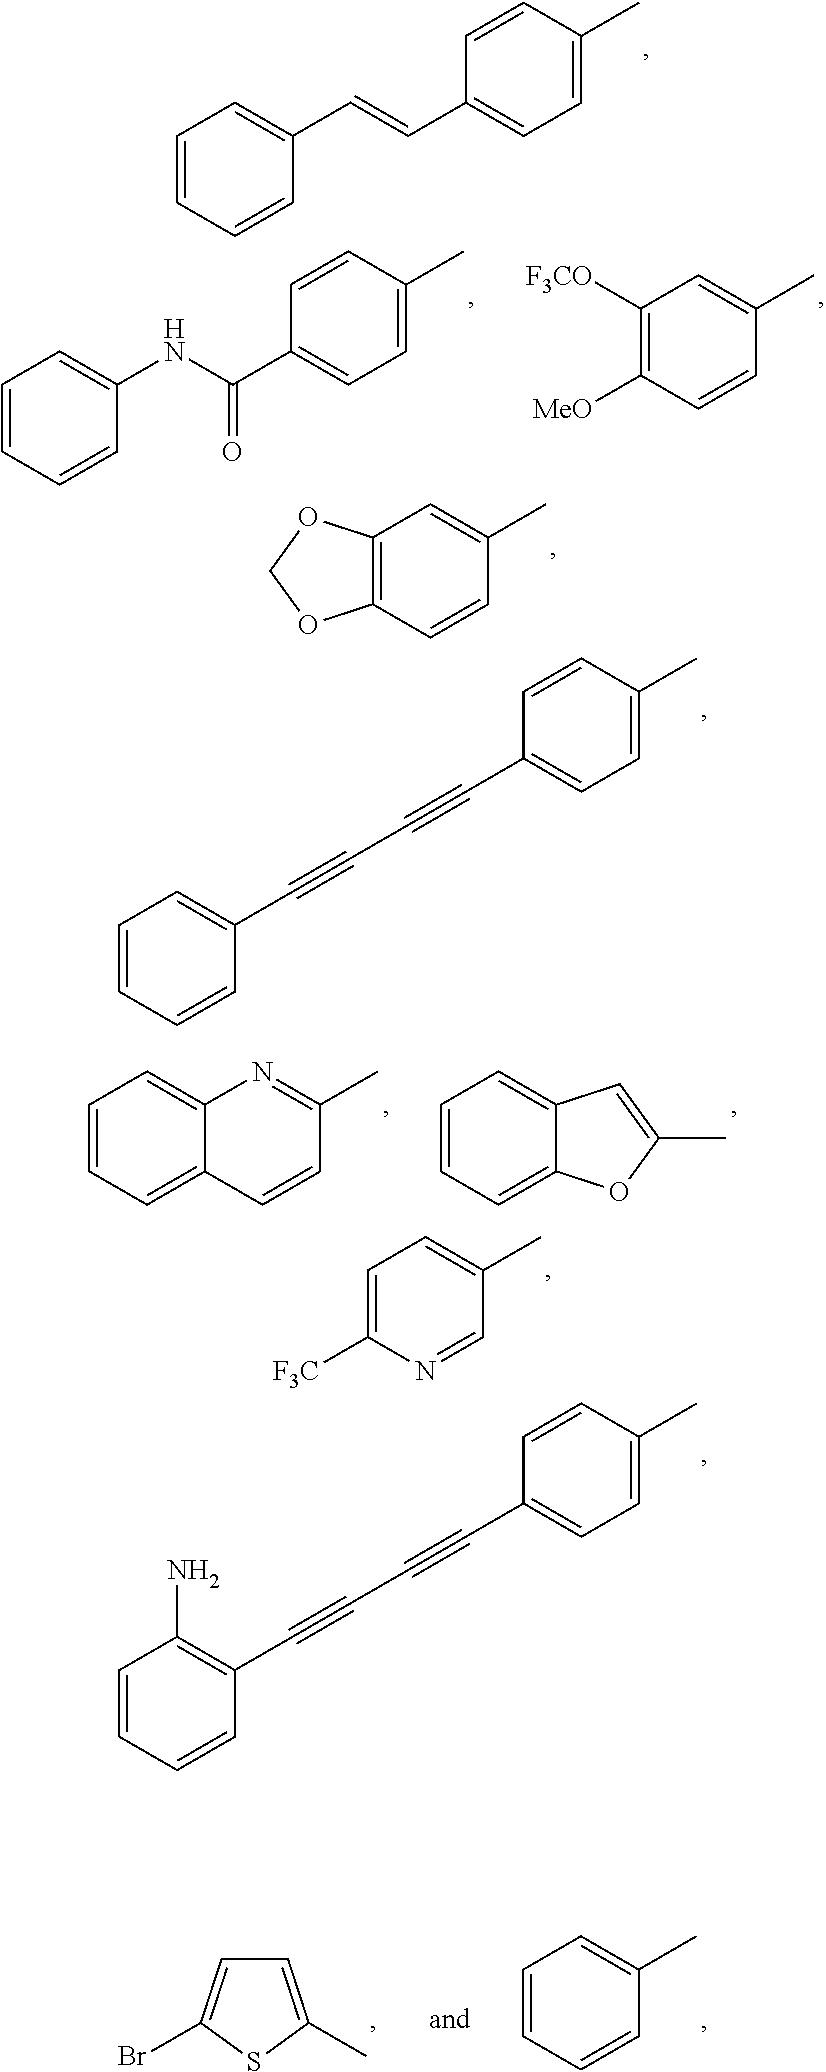 Figure US09617256-20170411-C00030